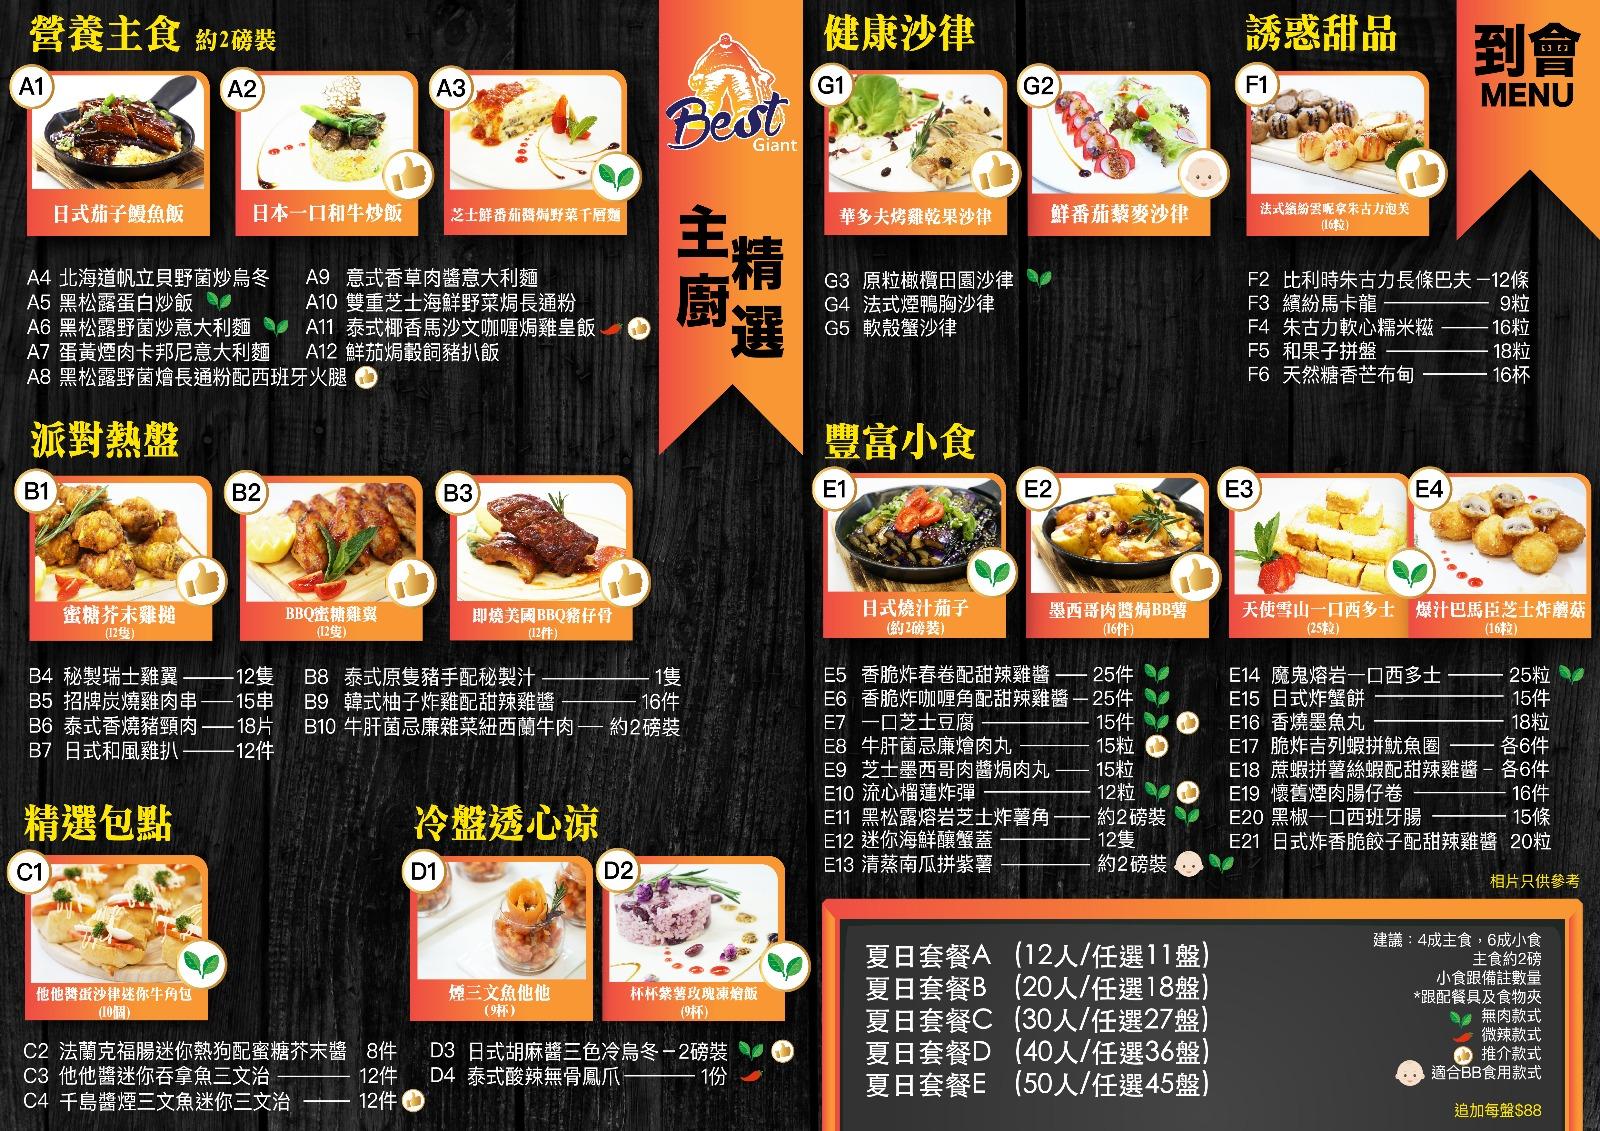 menu_giant